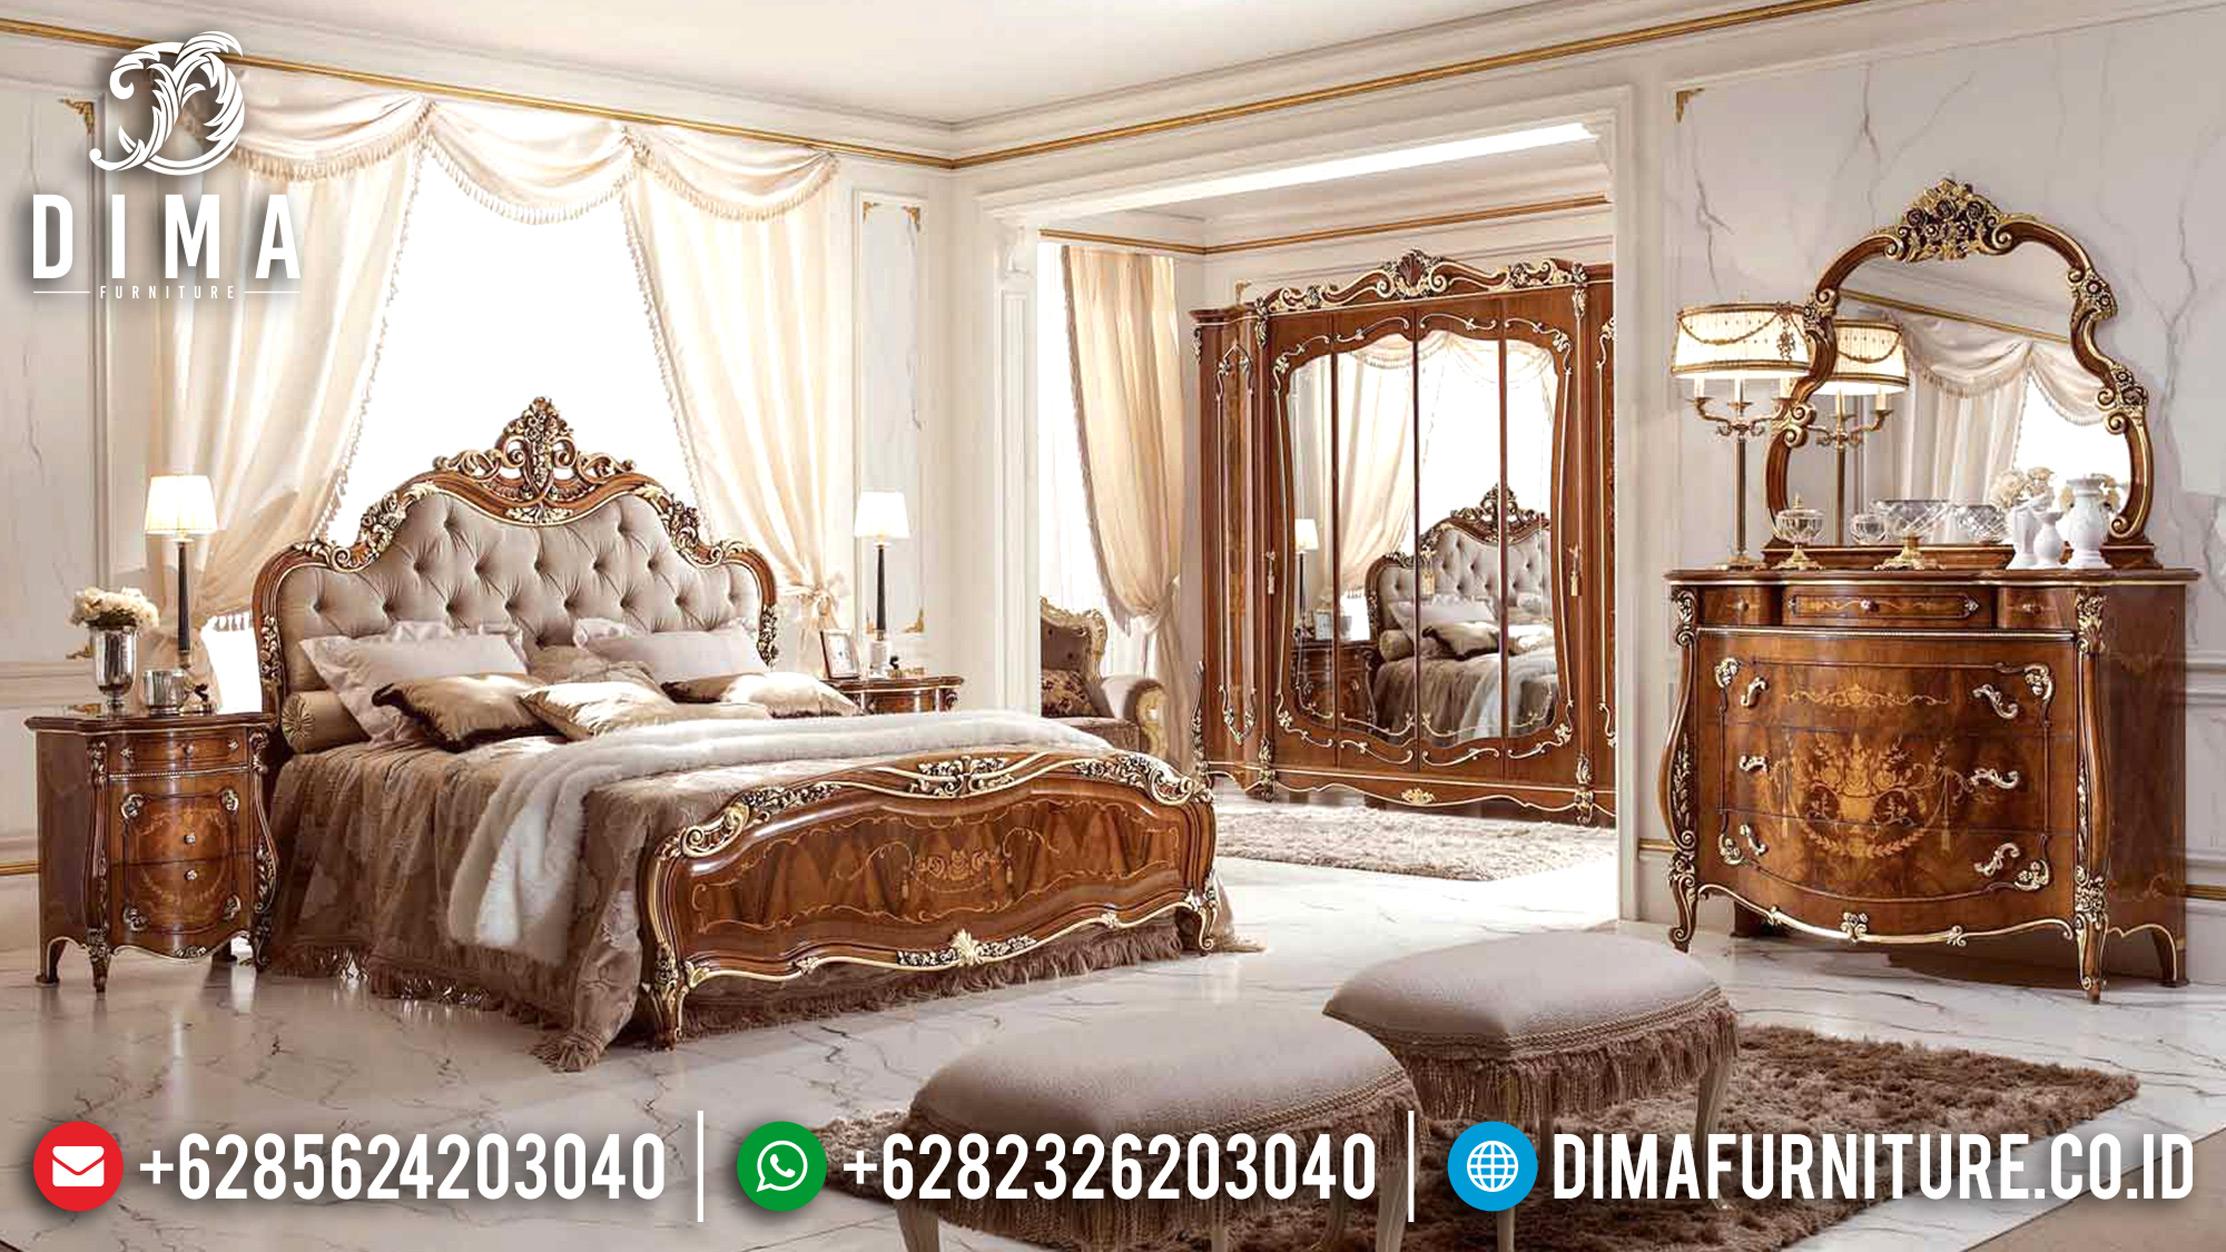 20+ Tempat Tidur Jepara Mewah Dan Minimalis Pilihan Tahun 2019 013 Dima Furniture Jepara